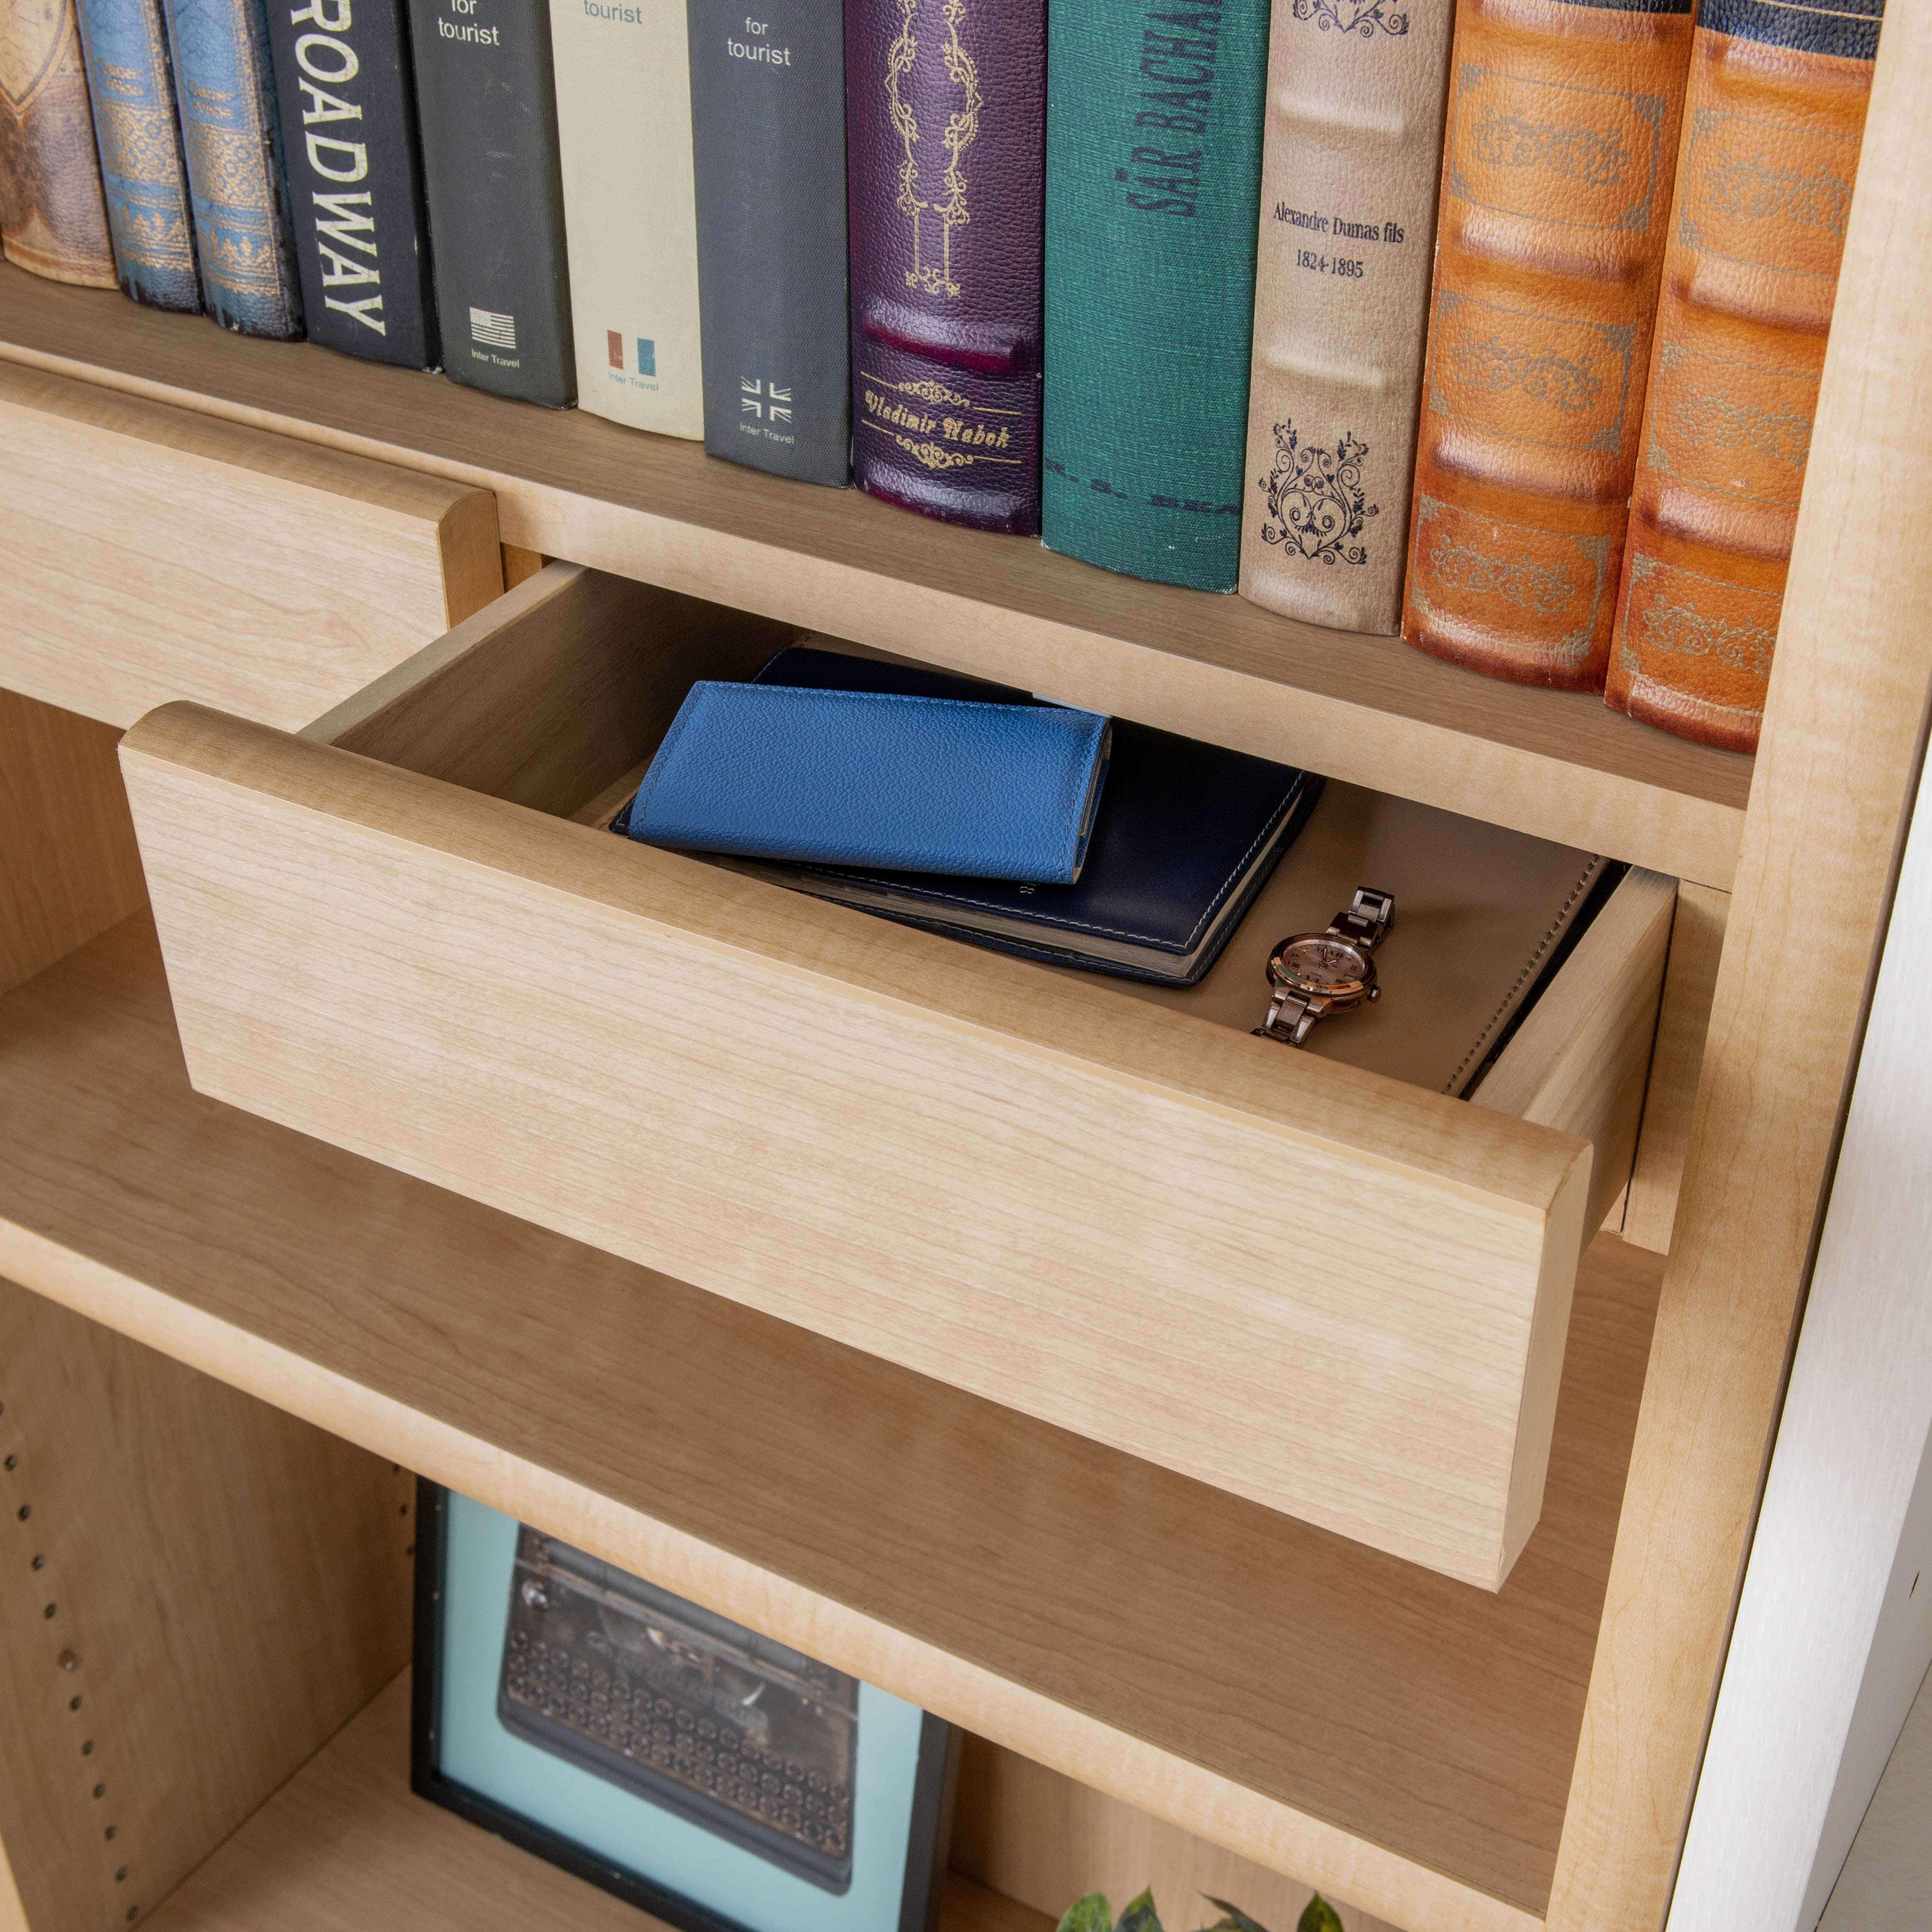 小島工芸 書棚 アコード95H(ホワイト):収納の幅を広げるオプション引き出し